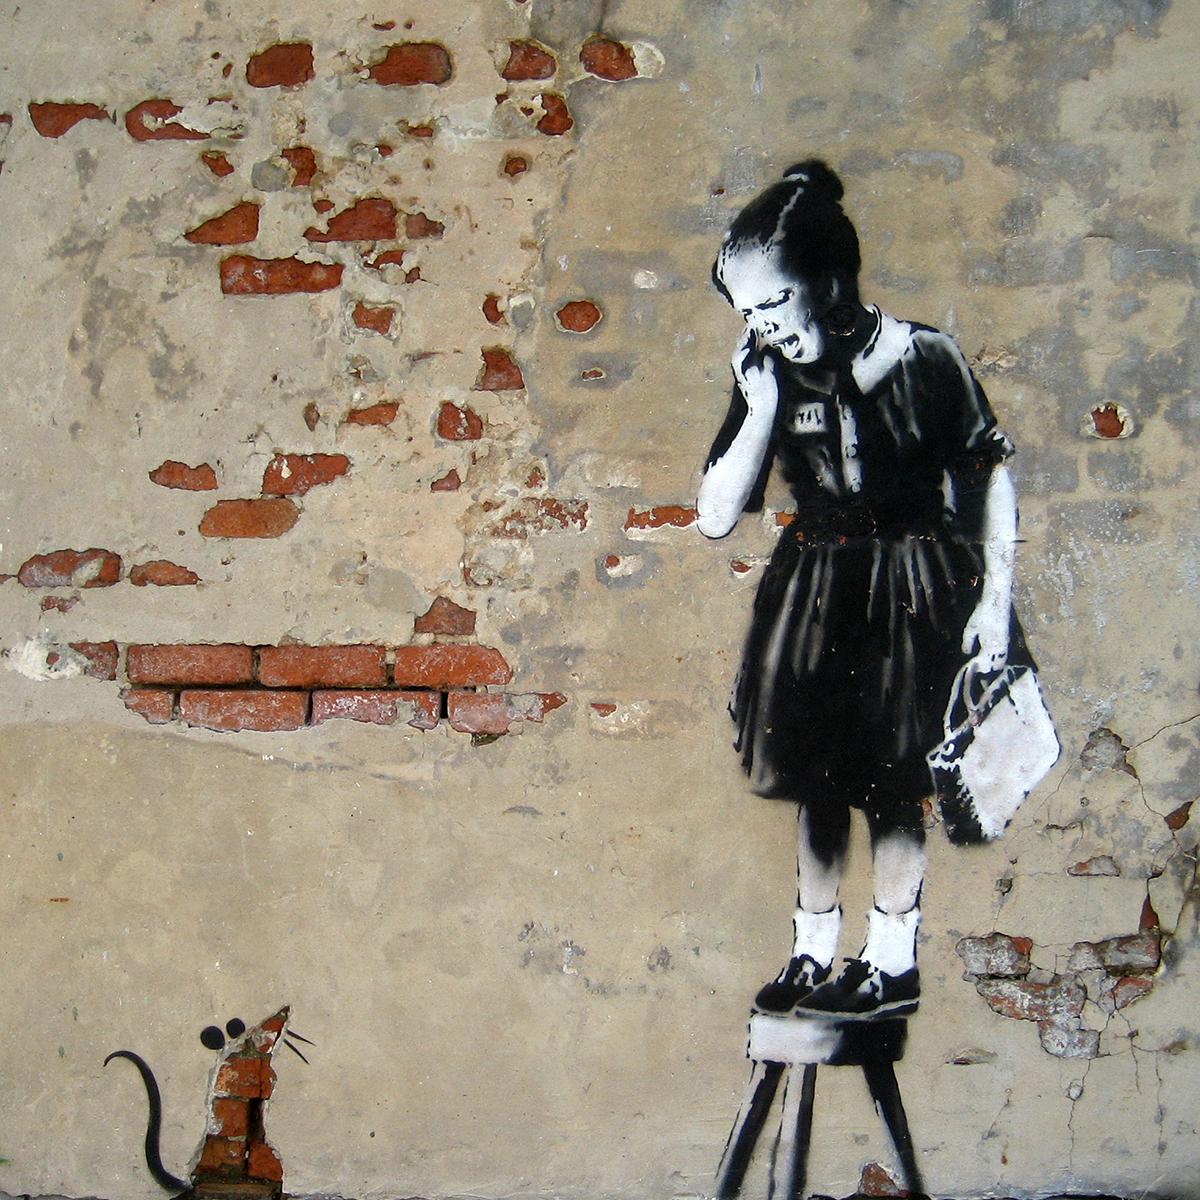 Banksy Ratgirl Artwork - Nowoczesny obraz na ścianę